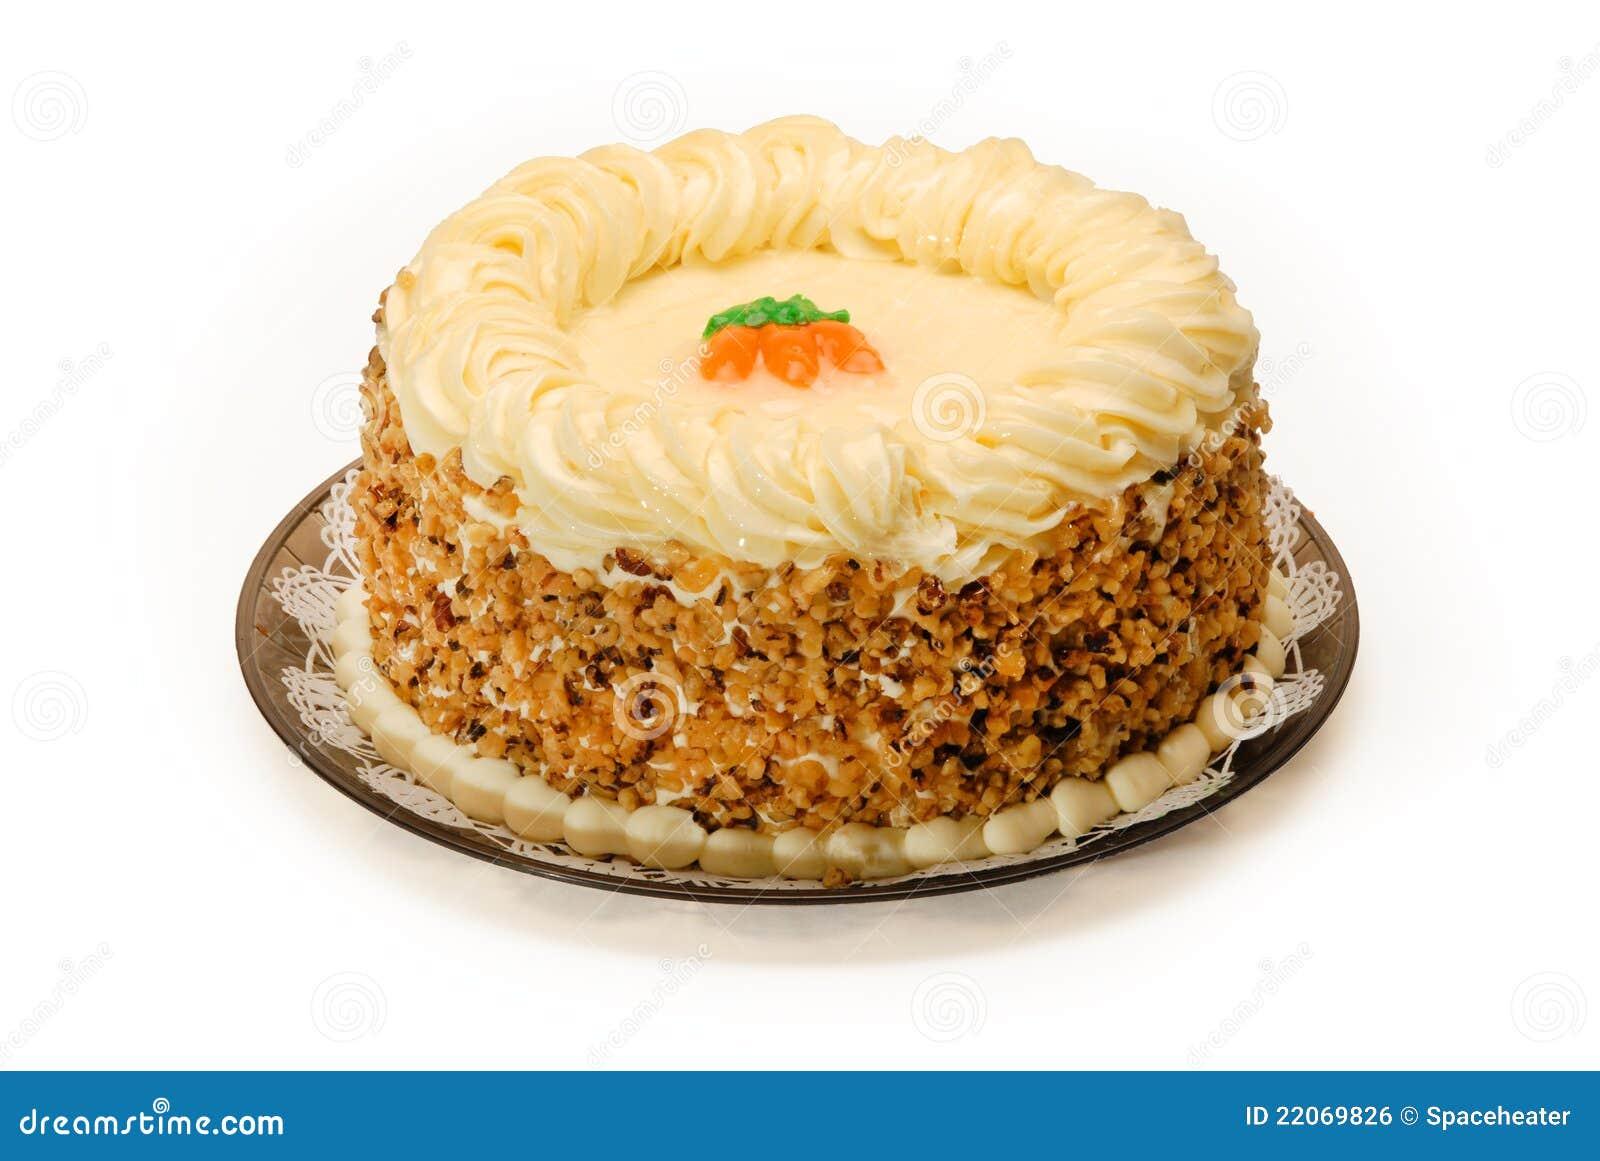 Raw Carrot Cake Calories